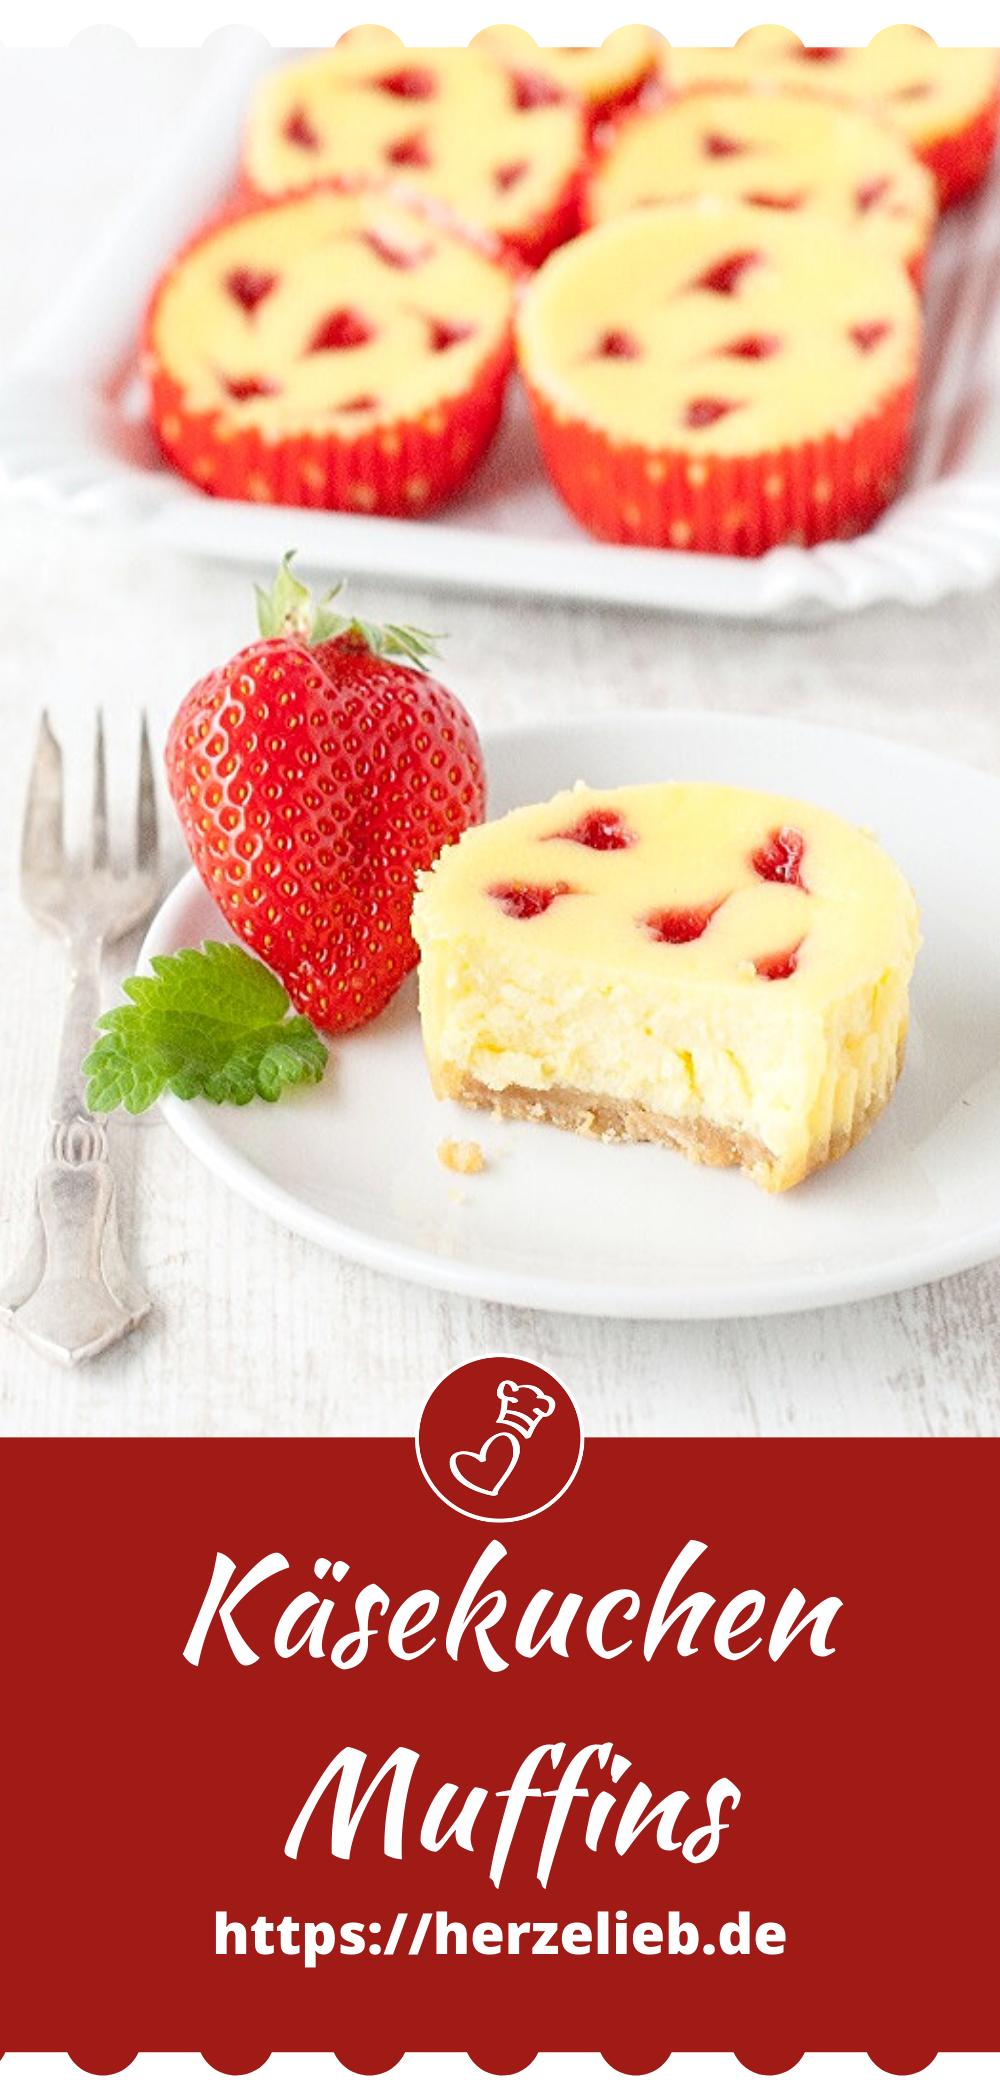 Käsekuchen Muffins Rezept von herzelieb - Kuchen lecker mit Herzen aus Erdbeeren, toll zum Muttertag